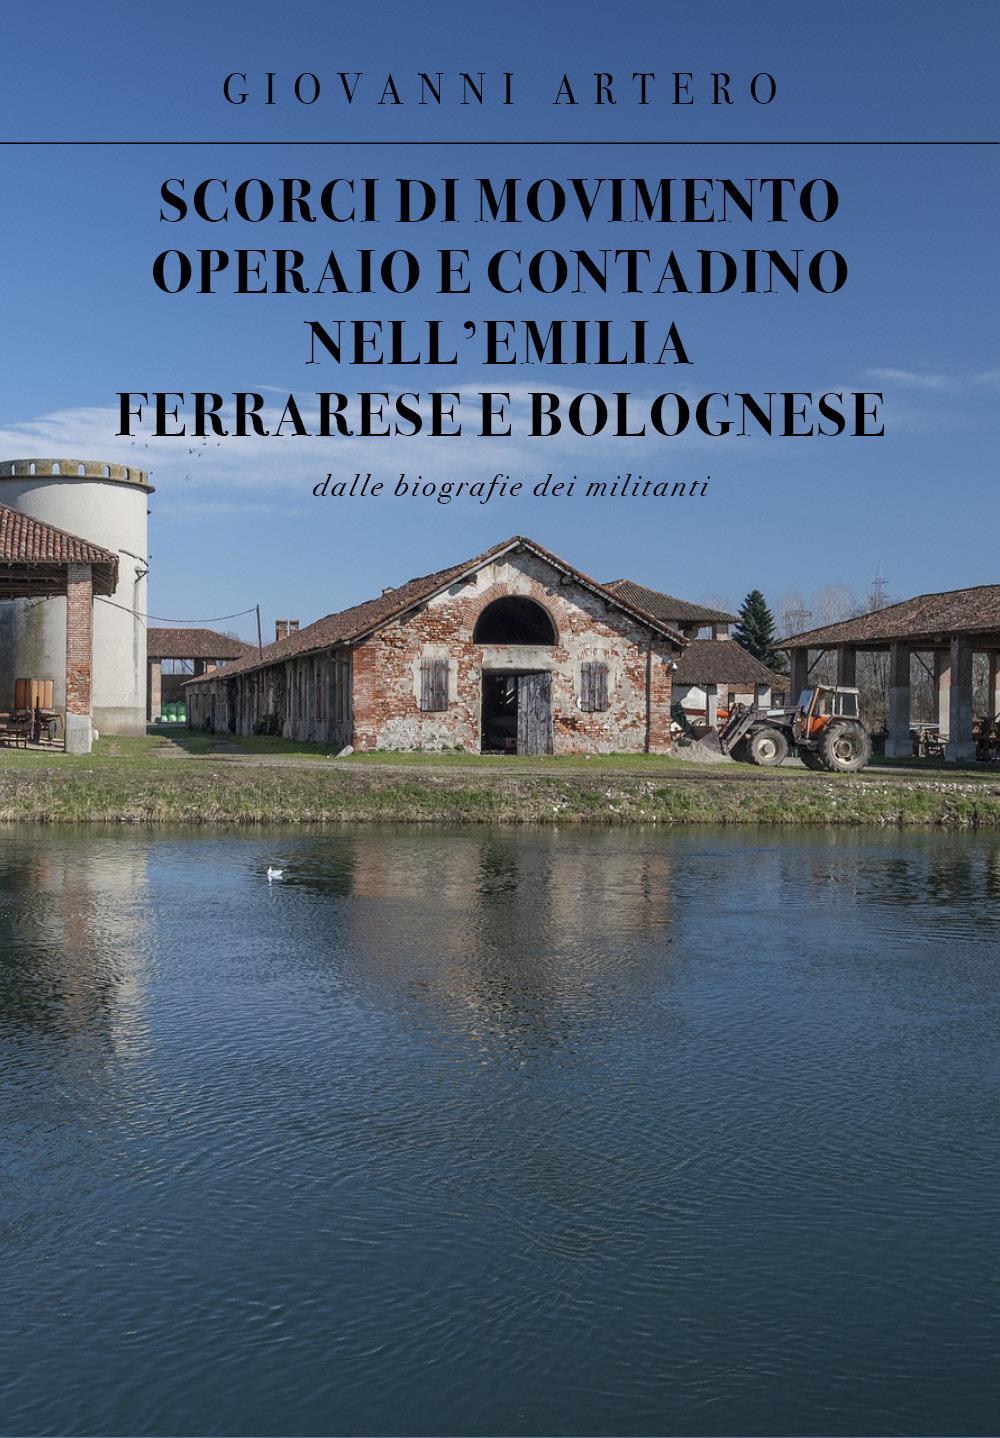 Scorci di movimento operaio e contadino nell'Emilia ferrarese e bolognese. Dalle biografie dei militanti